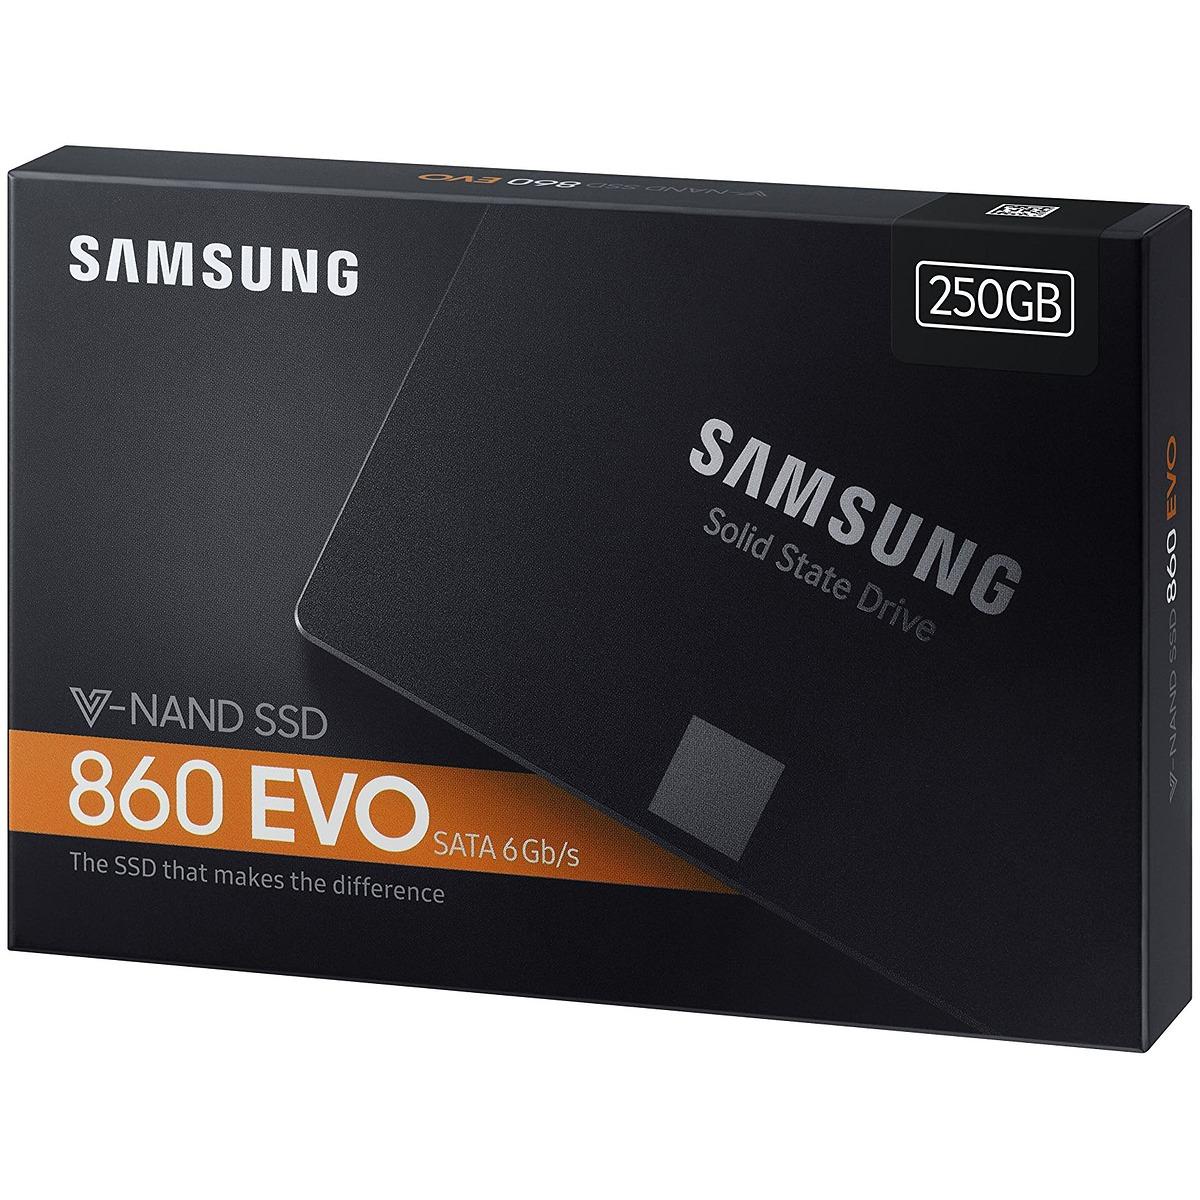 Usb Sandisk 8Gb - CZ50 bảo hành 5 năm giá chỉ 79k